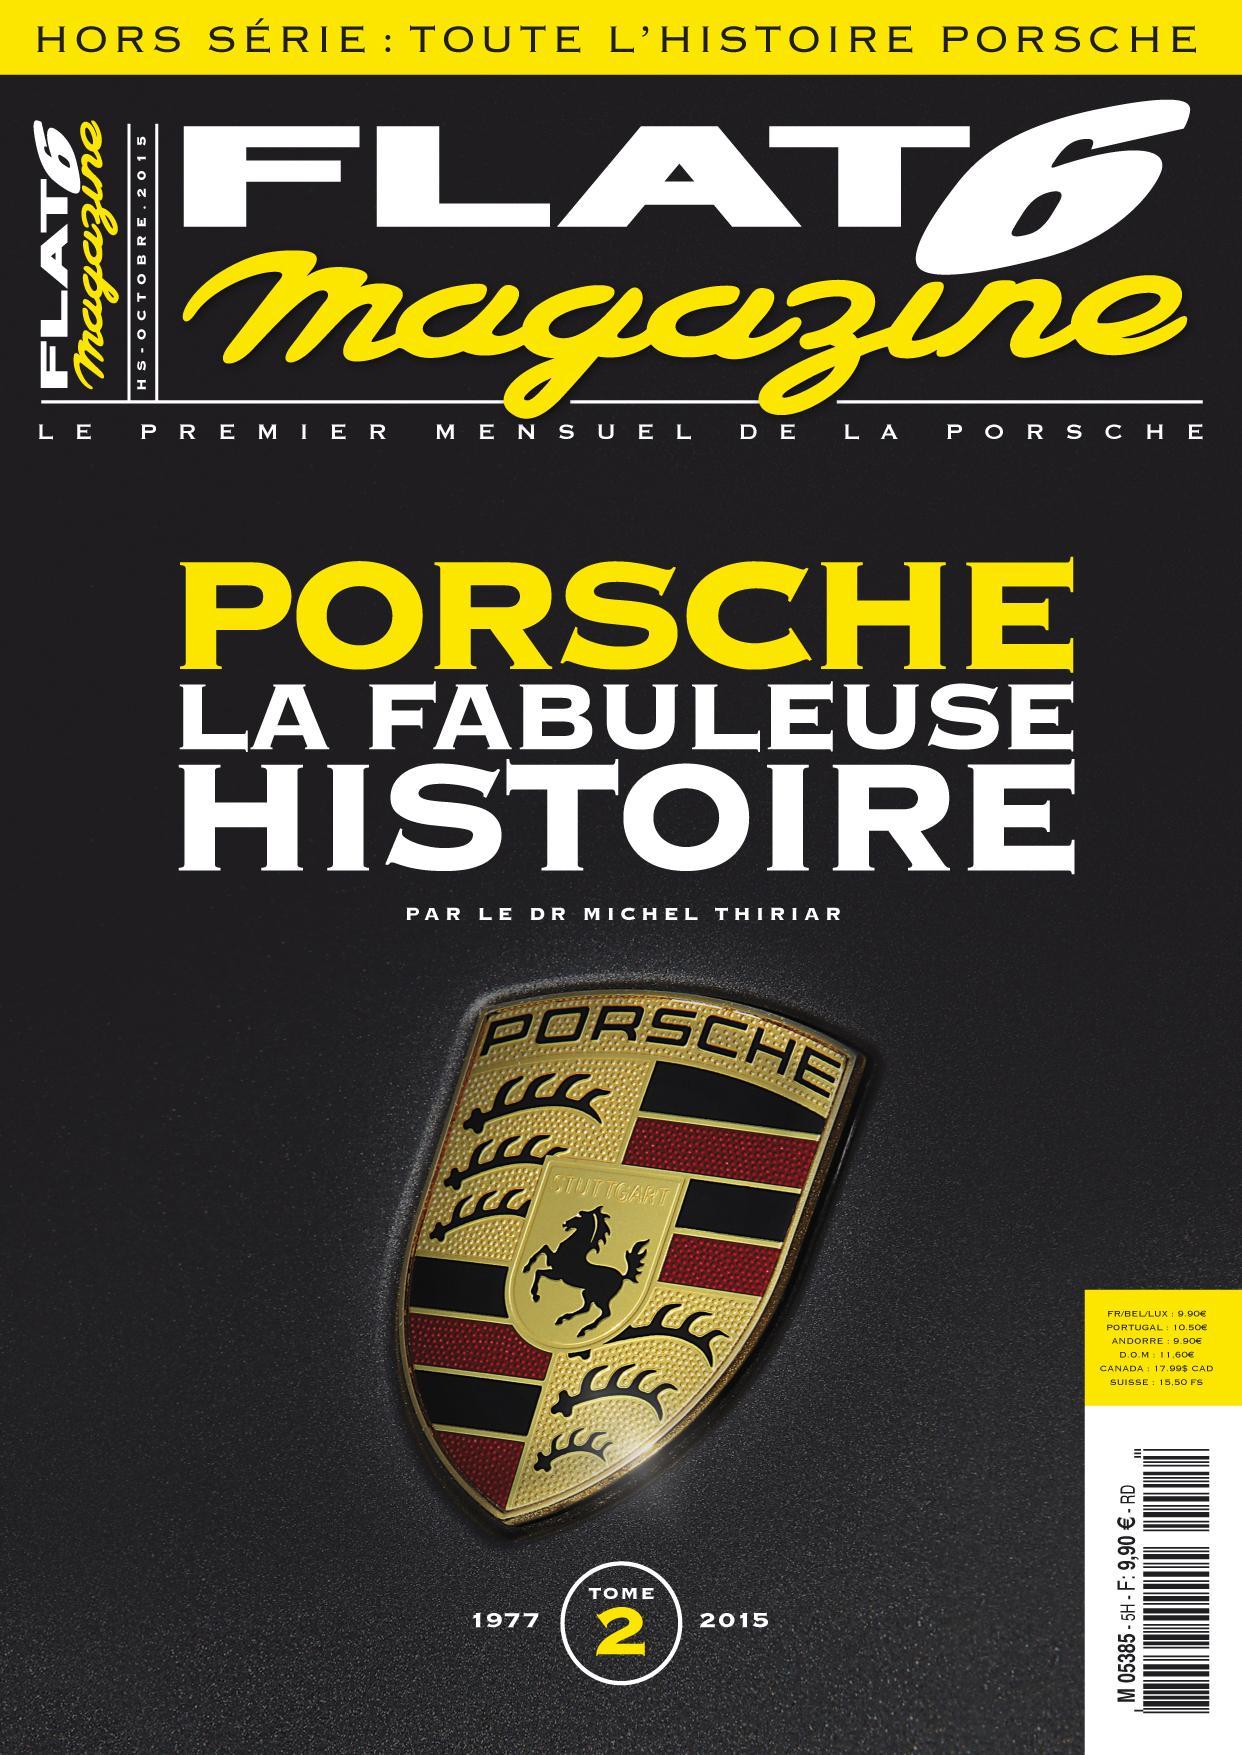 HS Fabuleuse Histoire Porsche